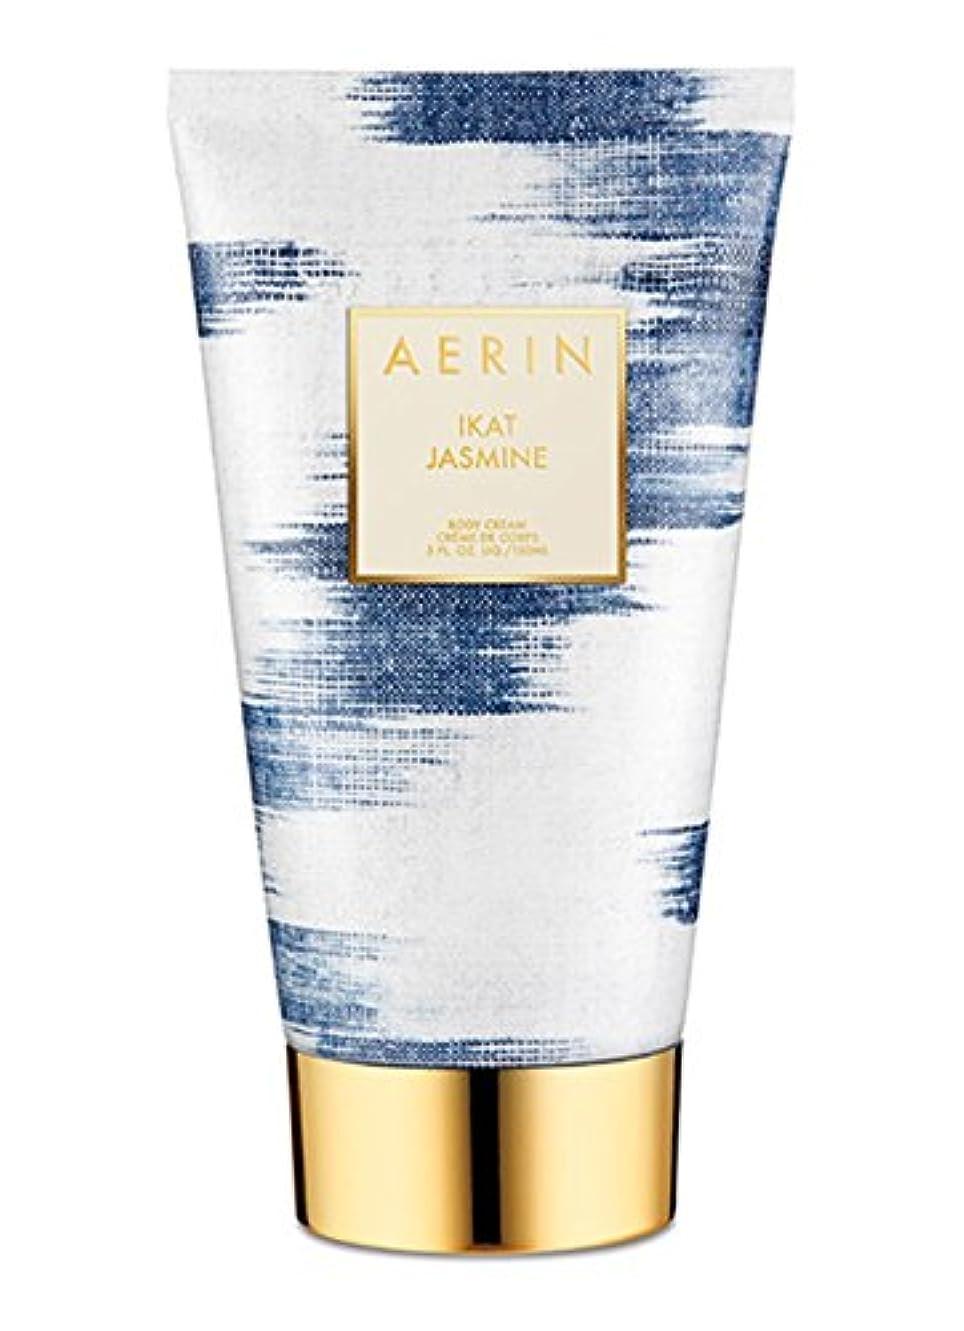 増幅支店破滅的なAERIN 'Ikat Jasmine' (アエリン イカ ジャスミン) 5.0 oz (150ml) Body Cream by Estee Lauder for Women